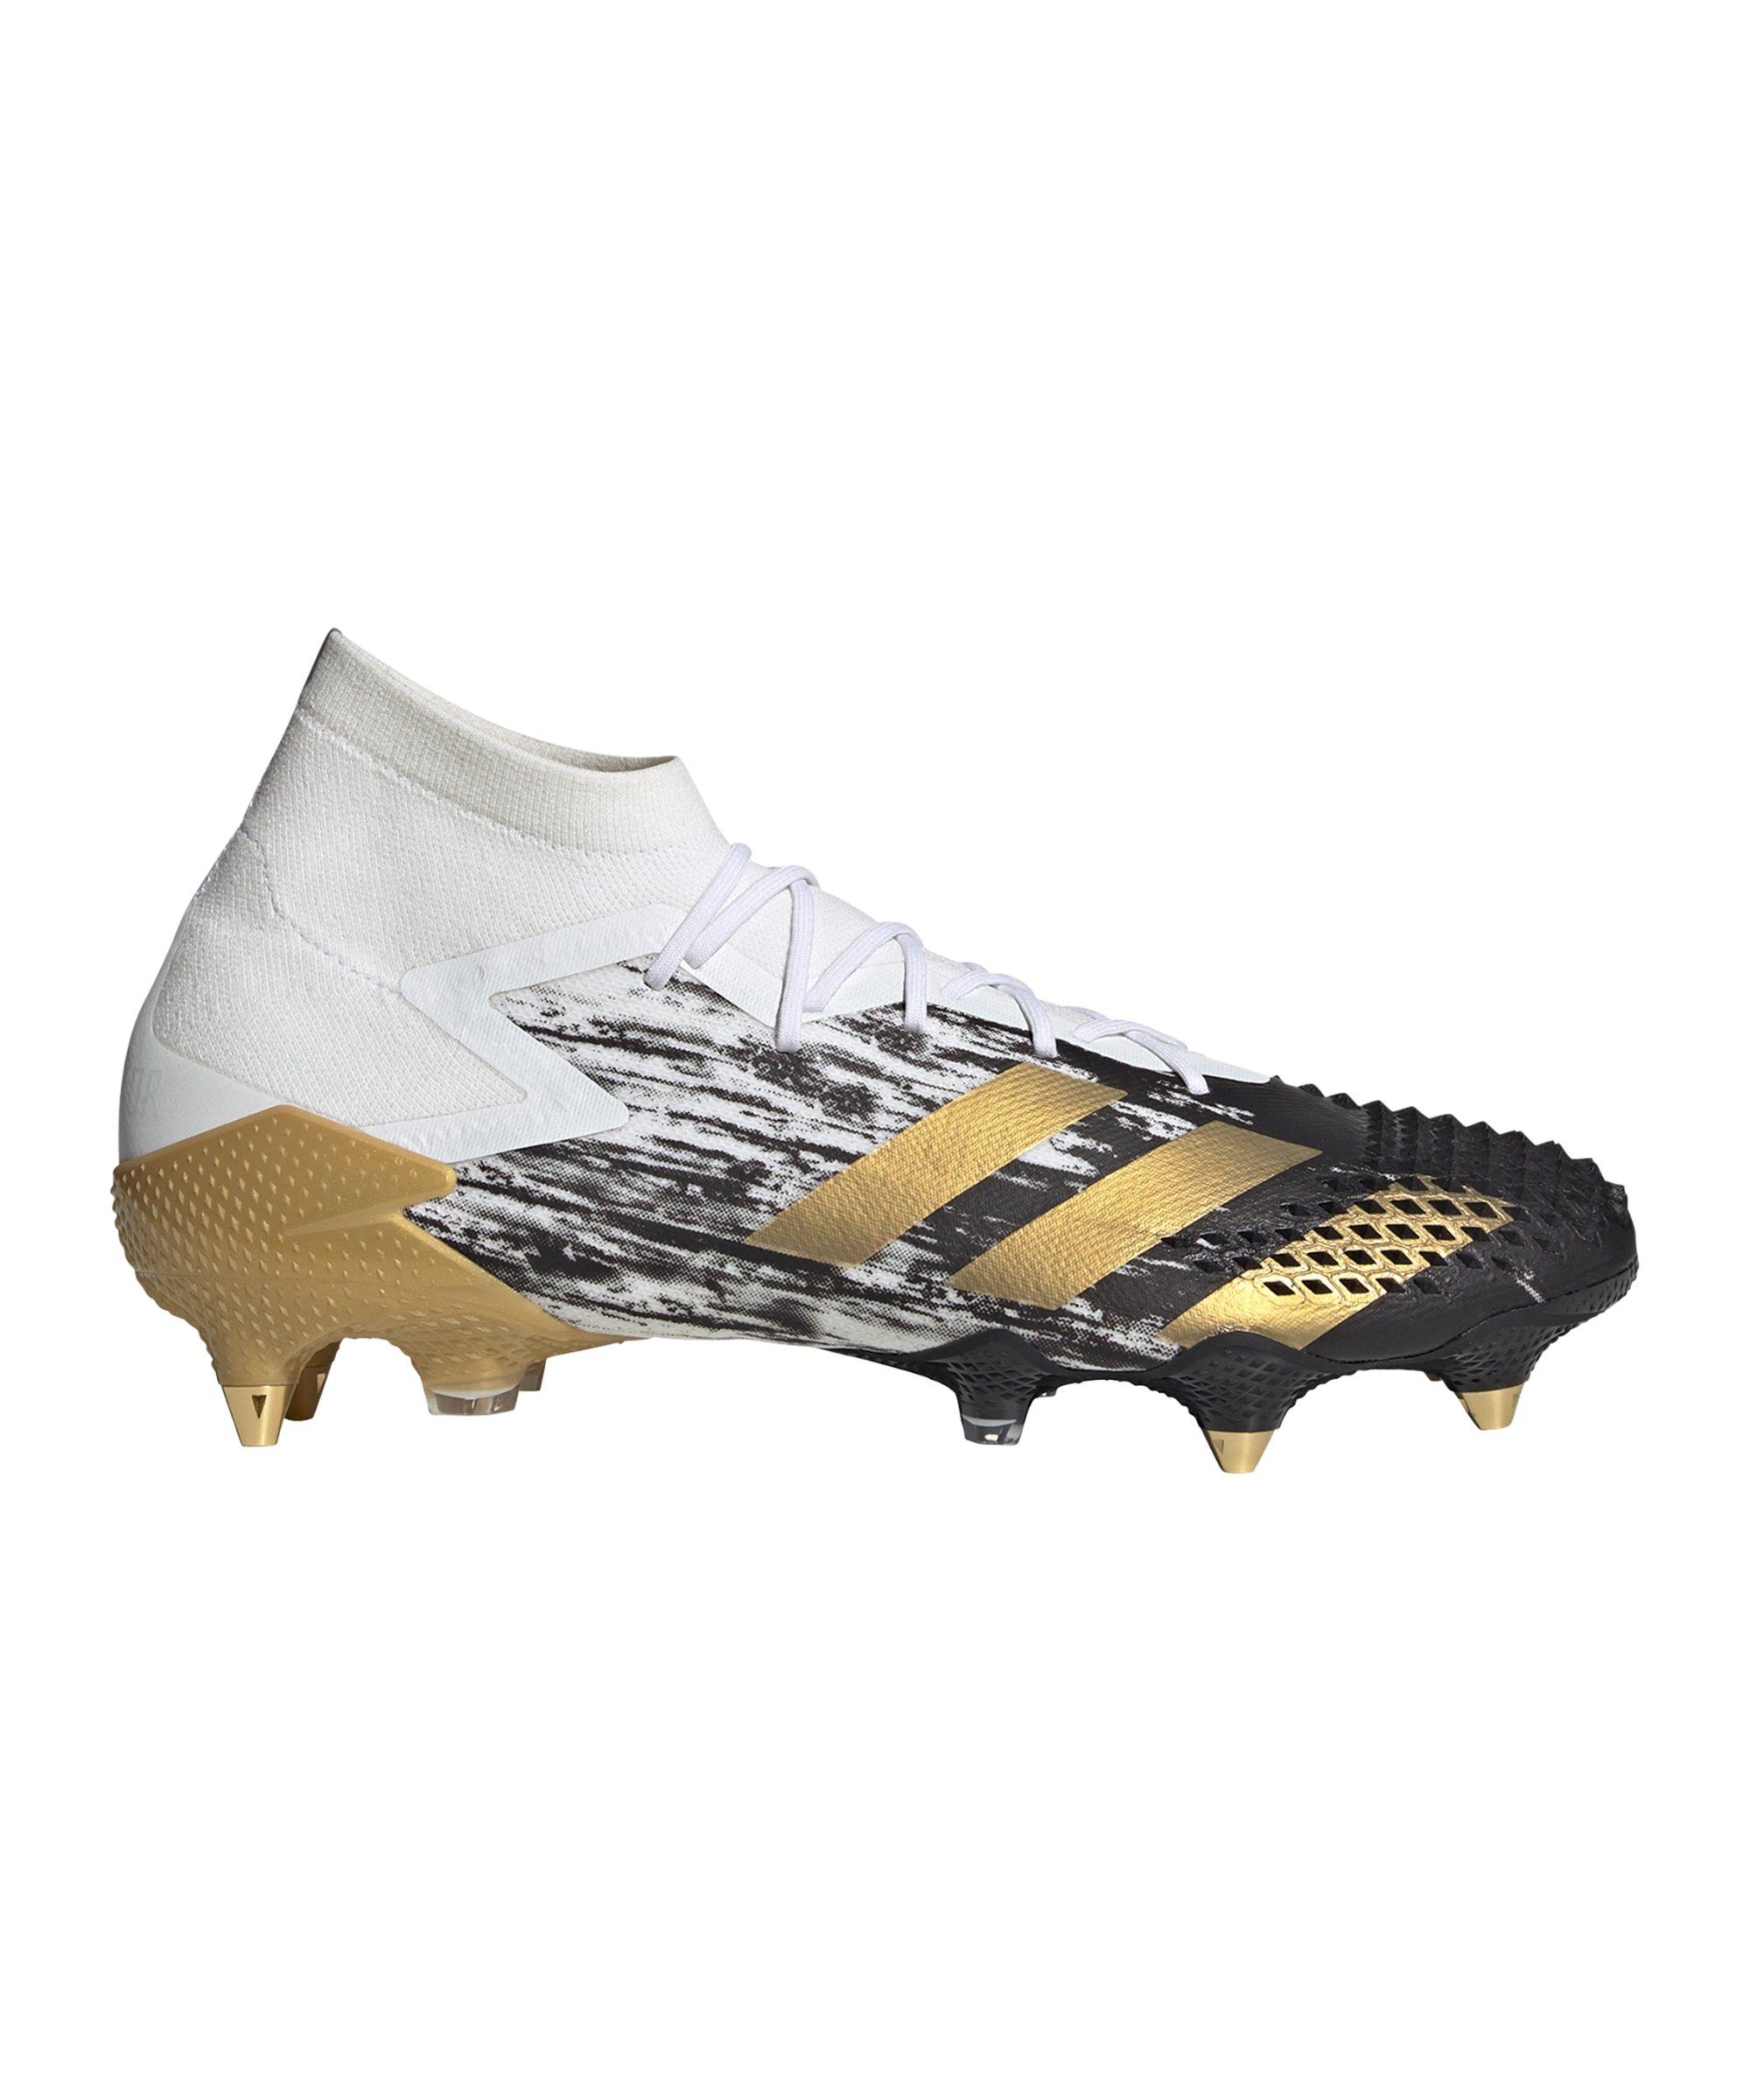 adidas Predator Inflight 20.1 SG Weiss Gold - weiss